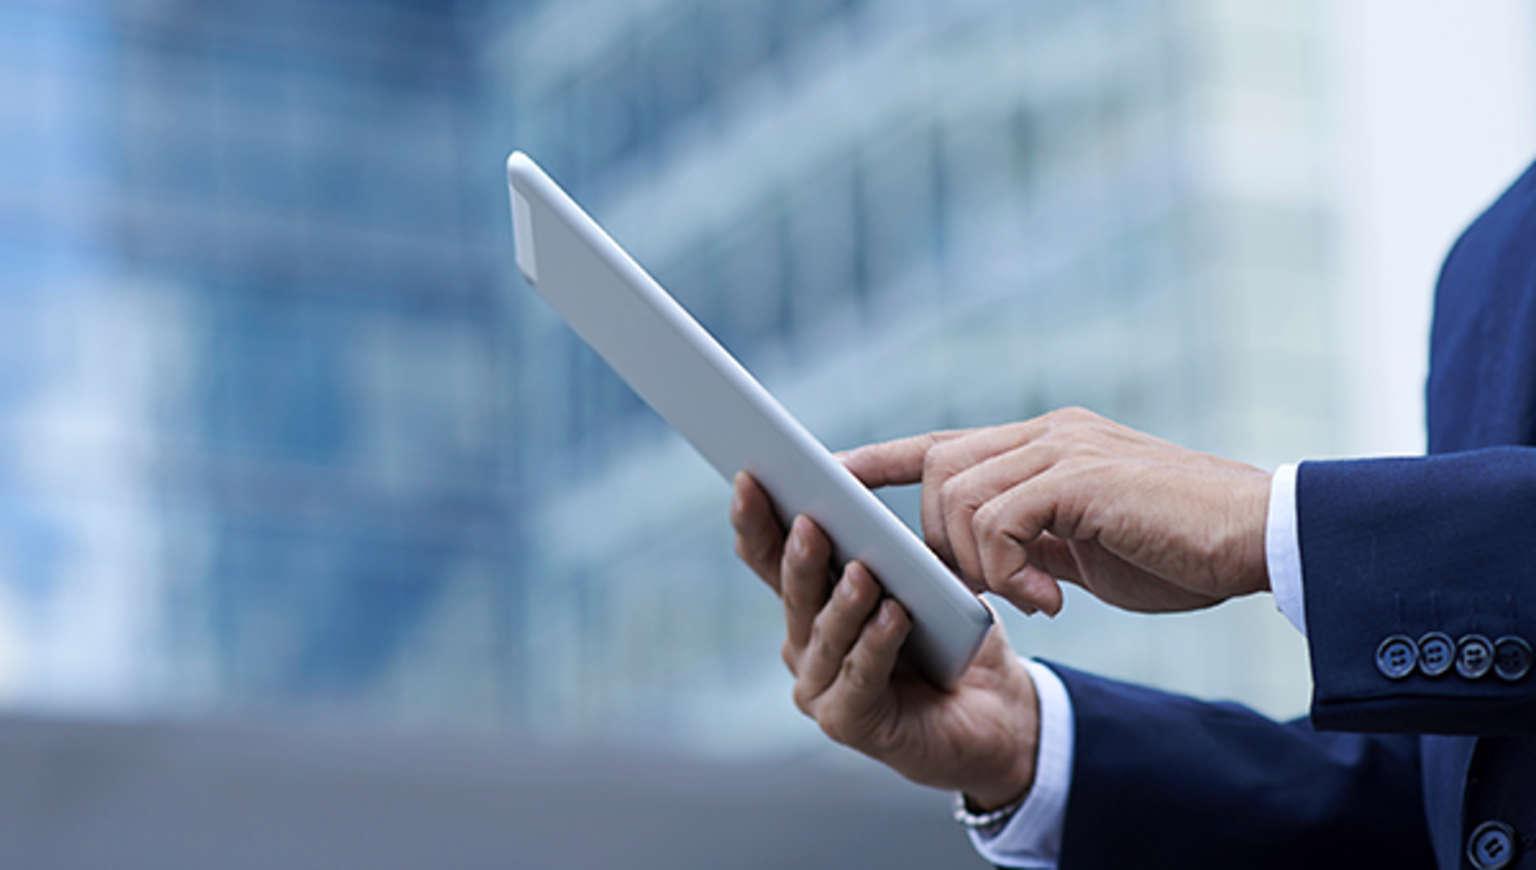 Erfahren Sie, wie Sie mit der elektronischen Signatur von DocuSign Deals schneller abschließen